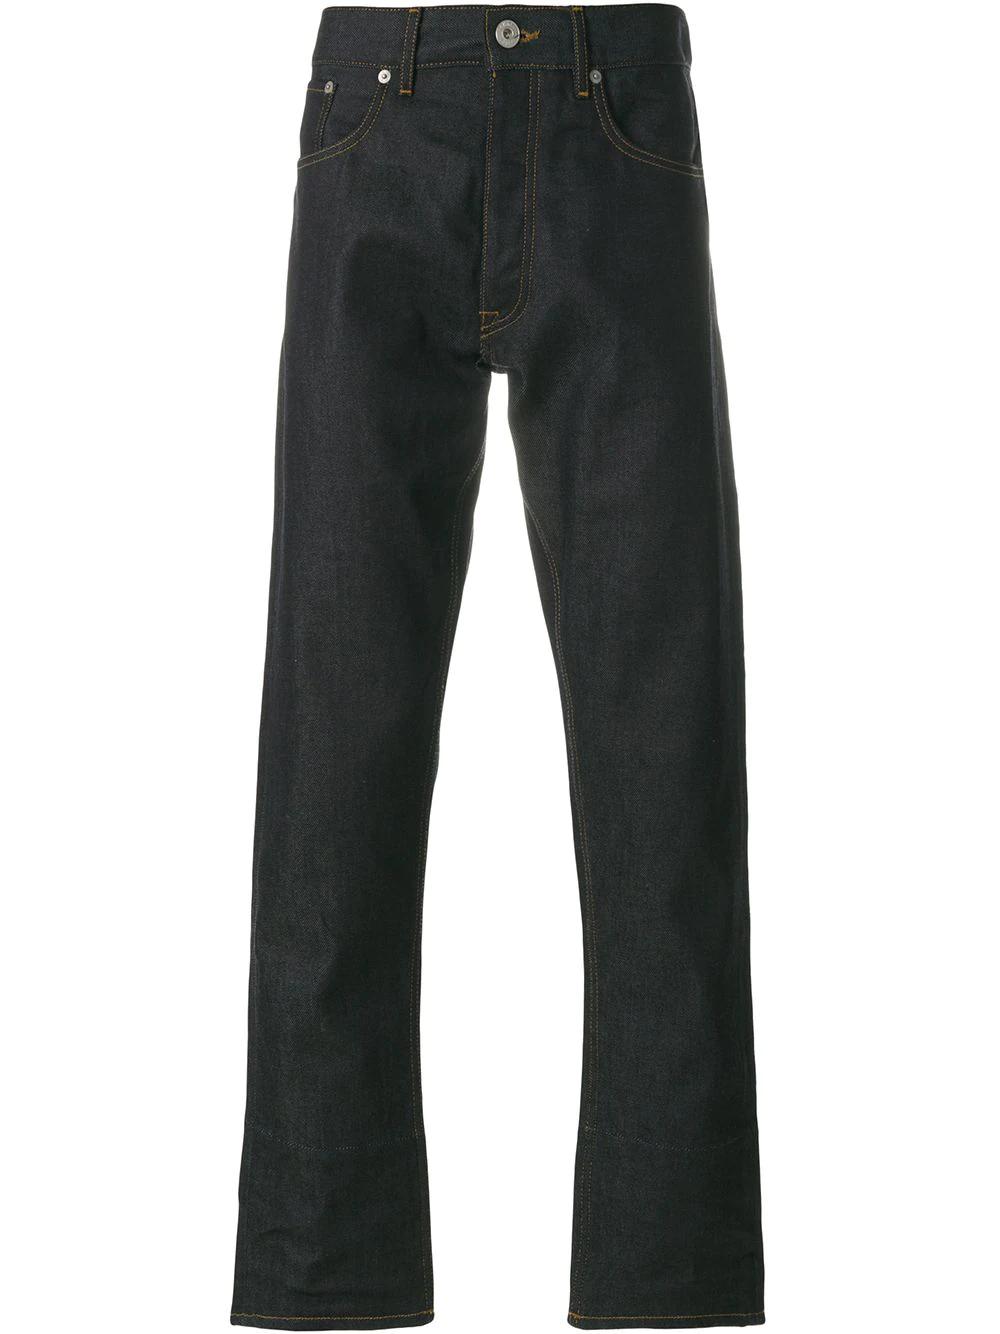 TOMMY HILFIGER   расклешенные джинсы стандартного кроя   Clouty